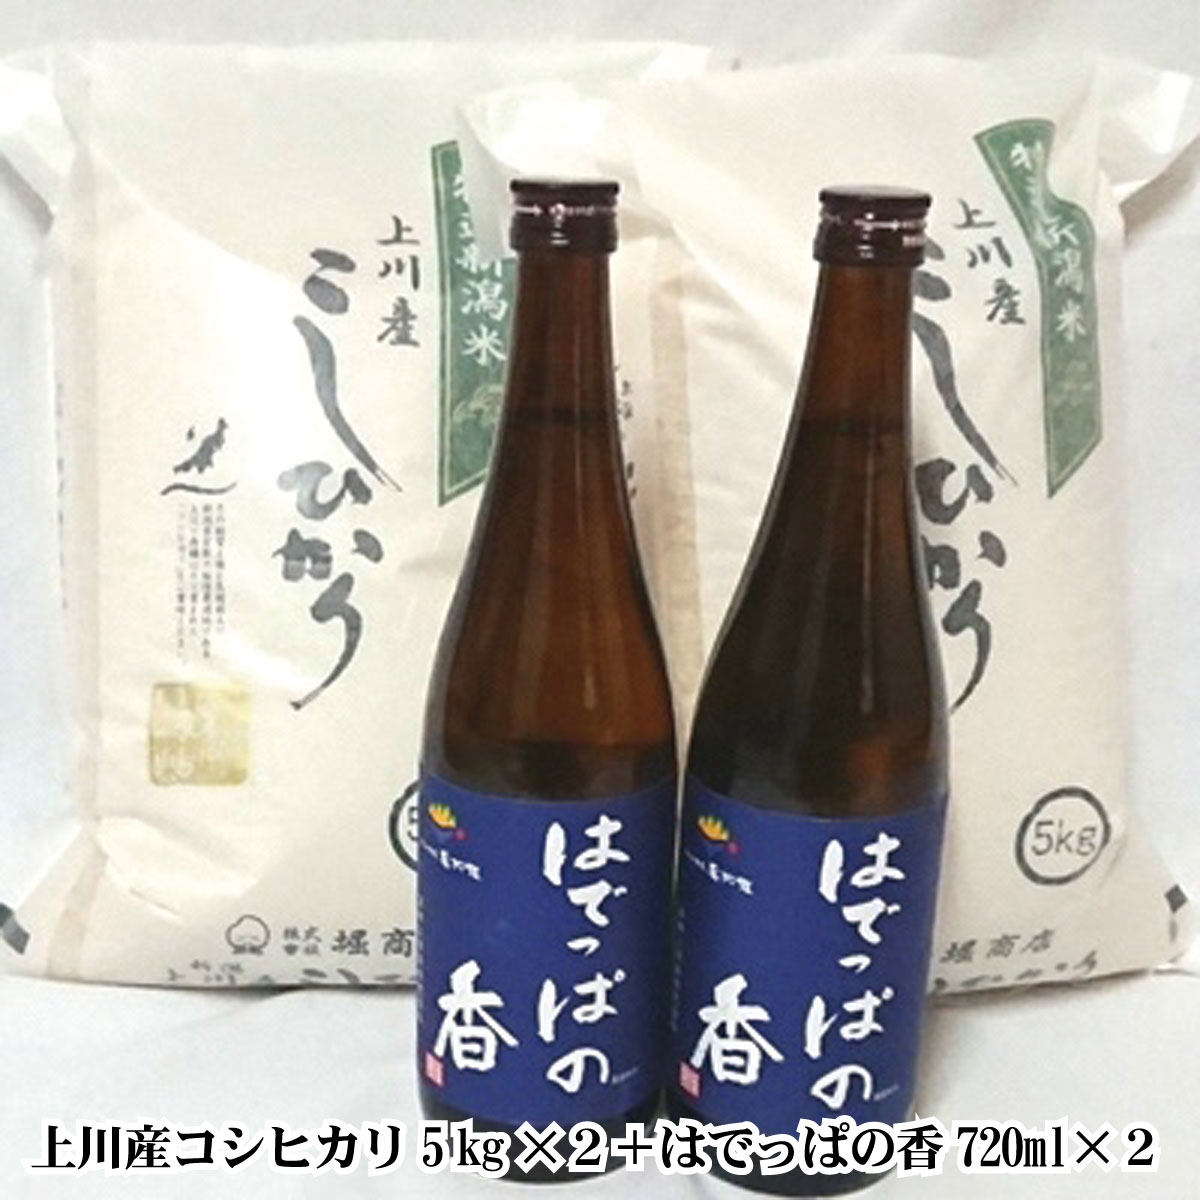 【ふるさと納税】[阿賀町マンマ認定]「上川産こしひかり10Kg」と「はでっぱの香720ml×2本」セット <令和元年米>